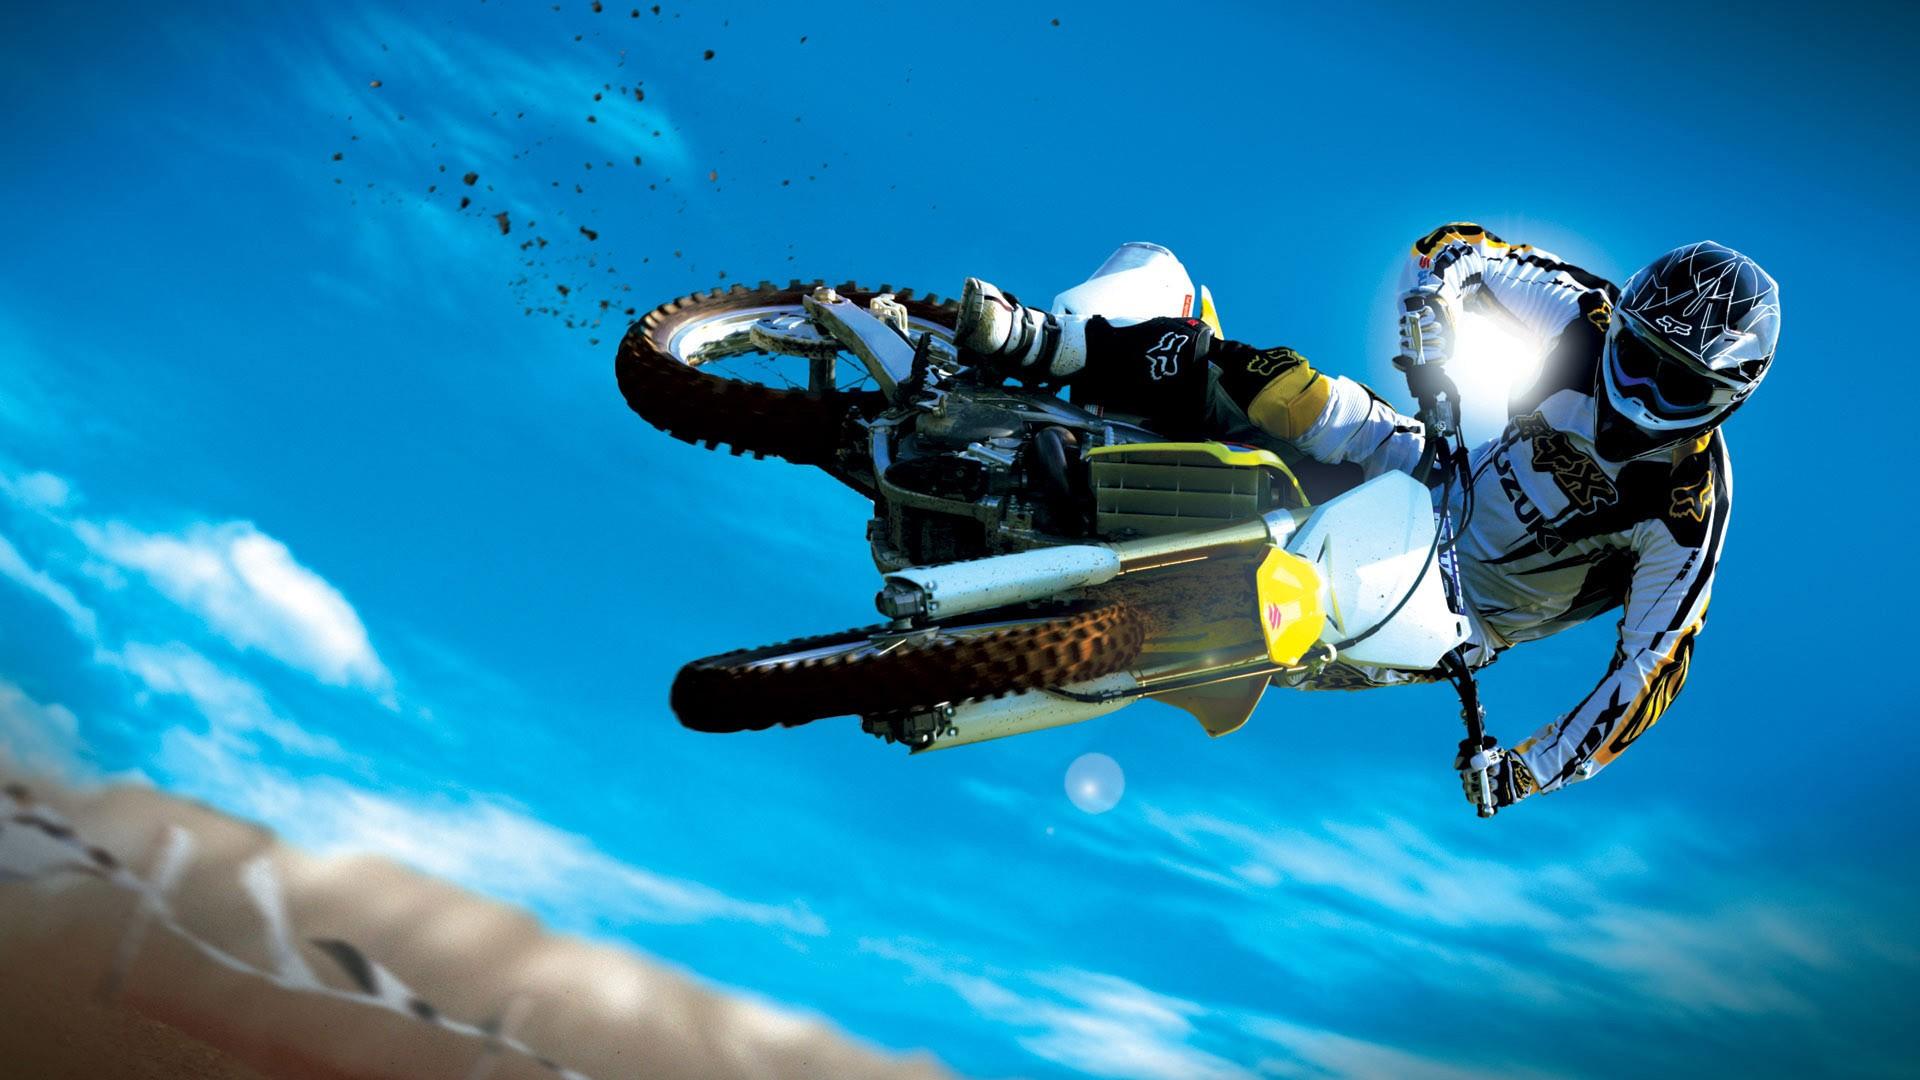 3d Cartoon Love Wallpaper Download Amazing Motocross Bike Stunt Wallpapers Hd Wallpapers